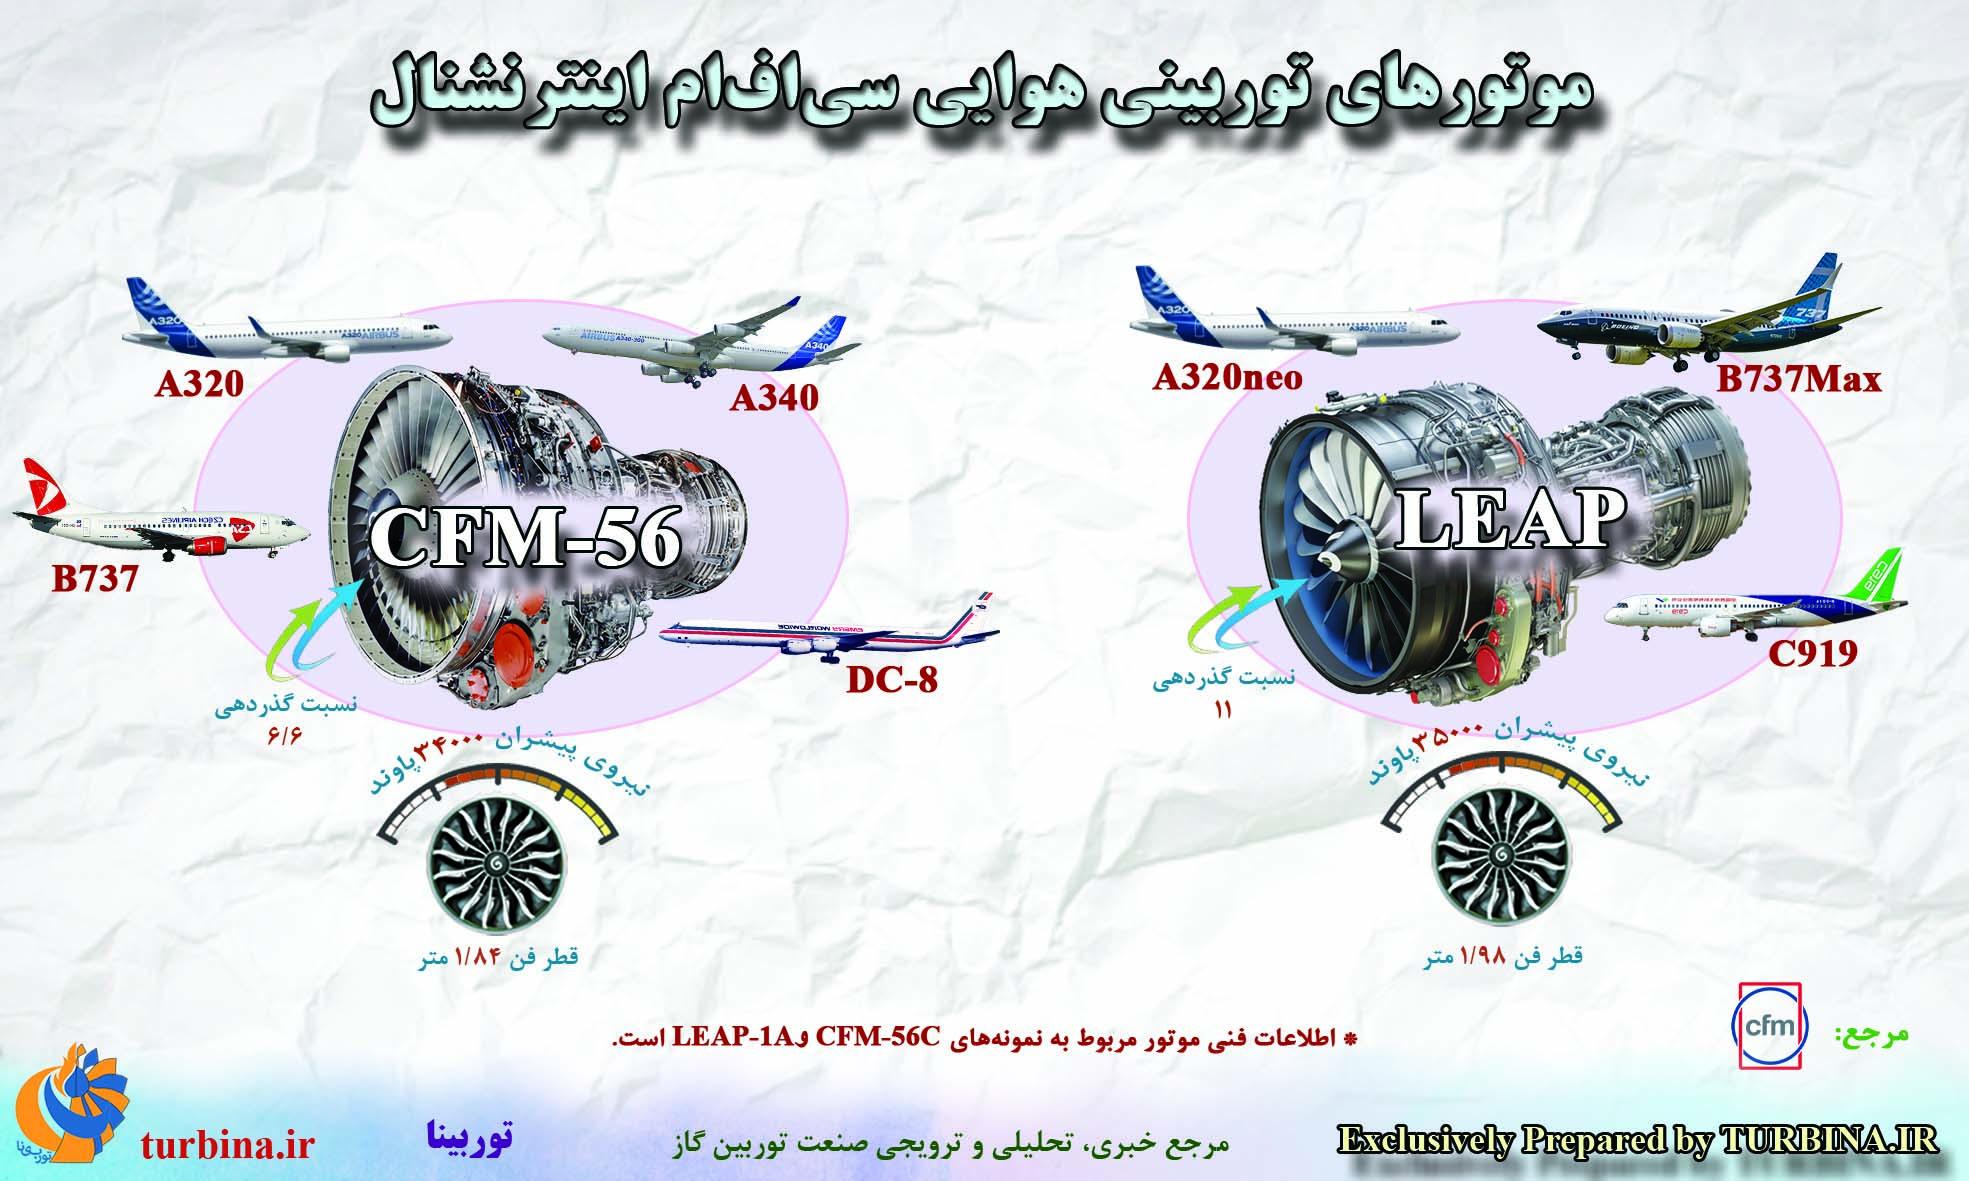 موتورهای توربینی هوایی سیافام اینترنشنال